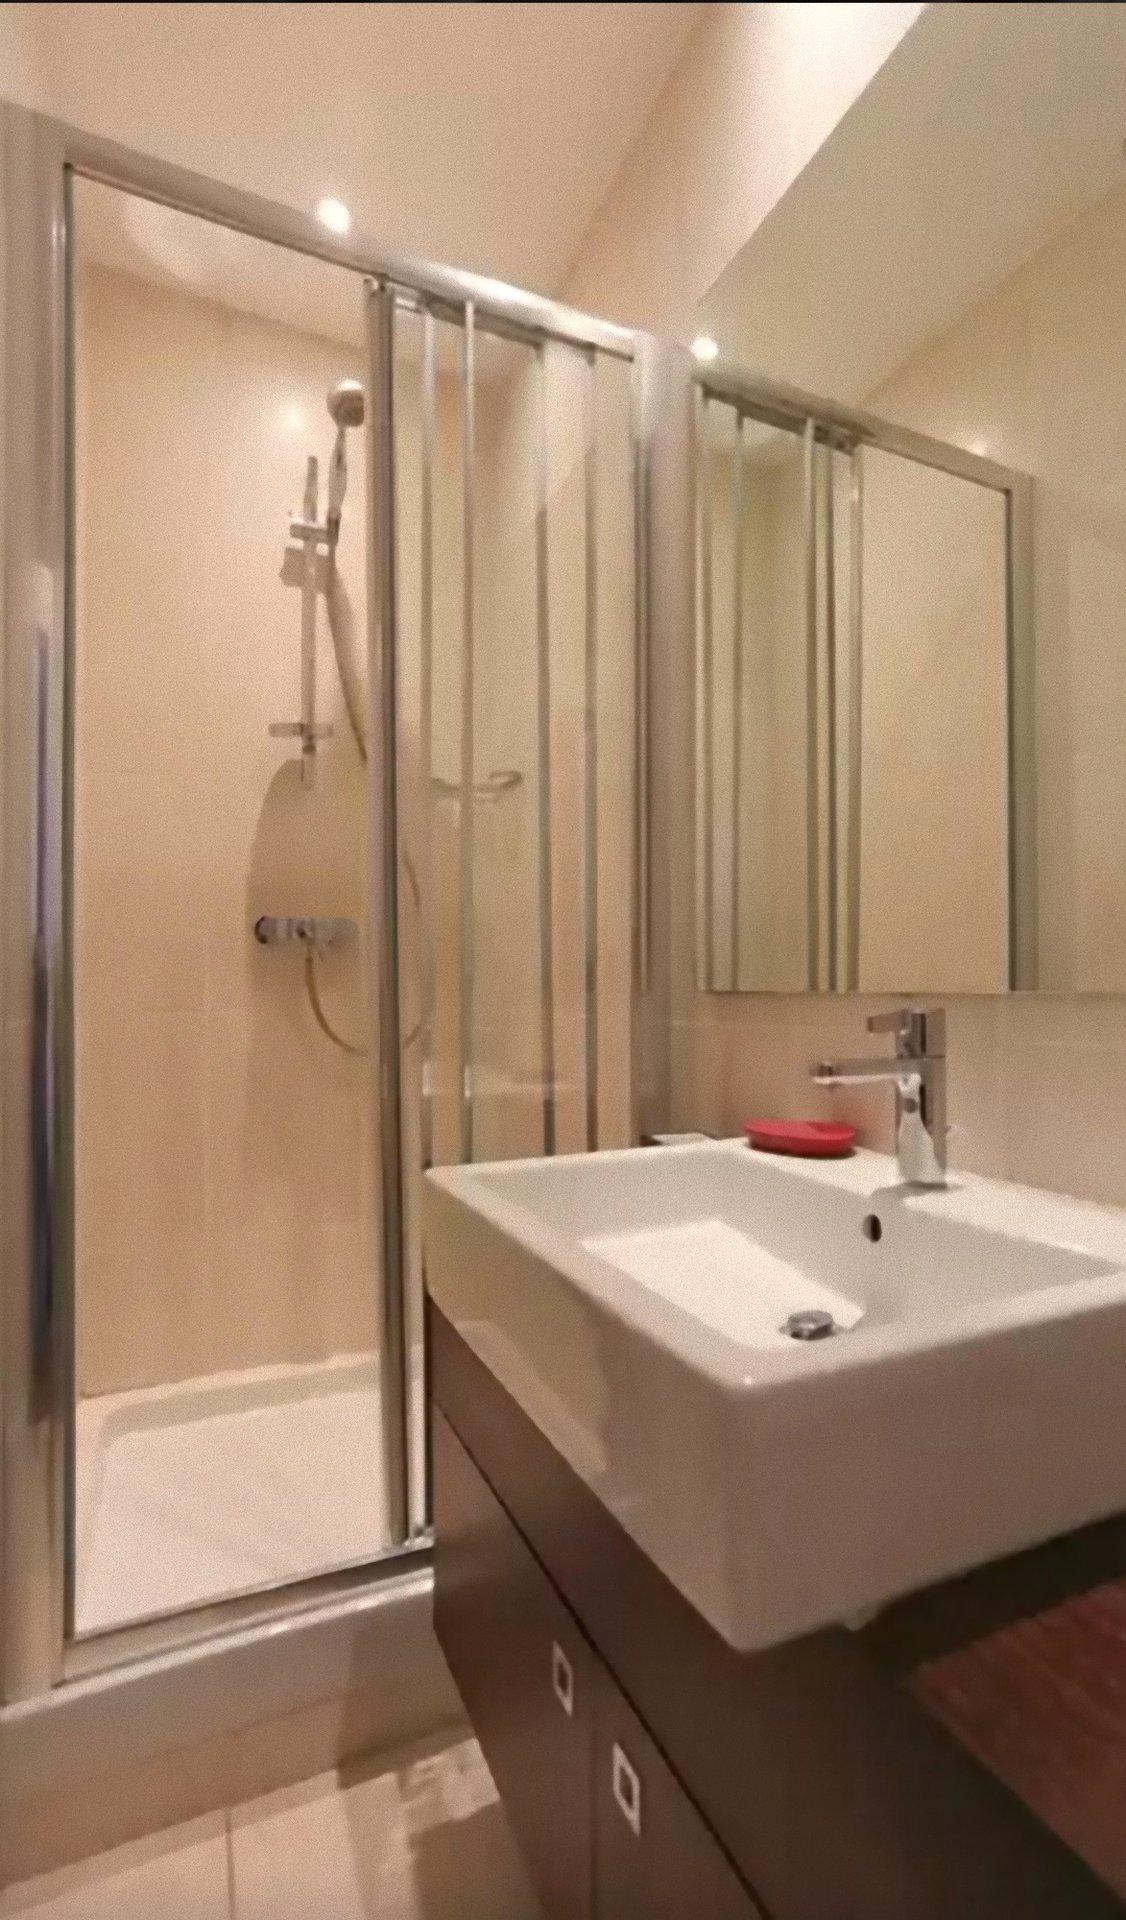 VILLA GRANDE SAVOYARDE 2.1 - APPARTMENT 3 BEDROOMS